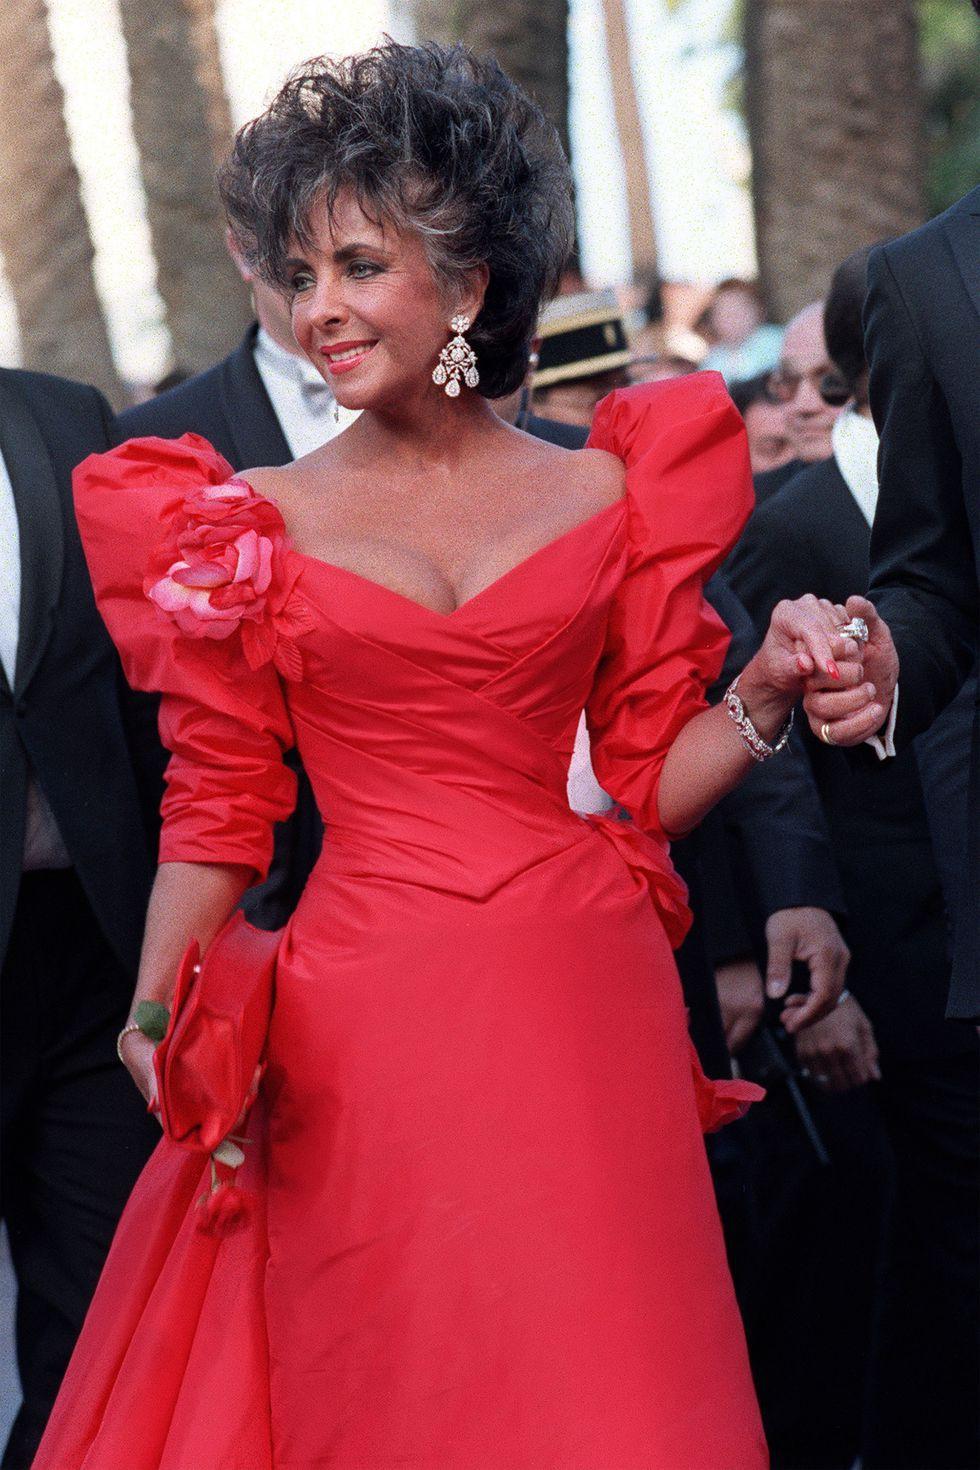 30 màn thả dáng có thần thái đi vào huyền thoại Cannes: Không cần trò vạch, phơi lồng lộn vẫn chiếm trọn spotlight! - Ảnh 4.